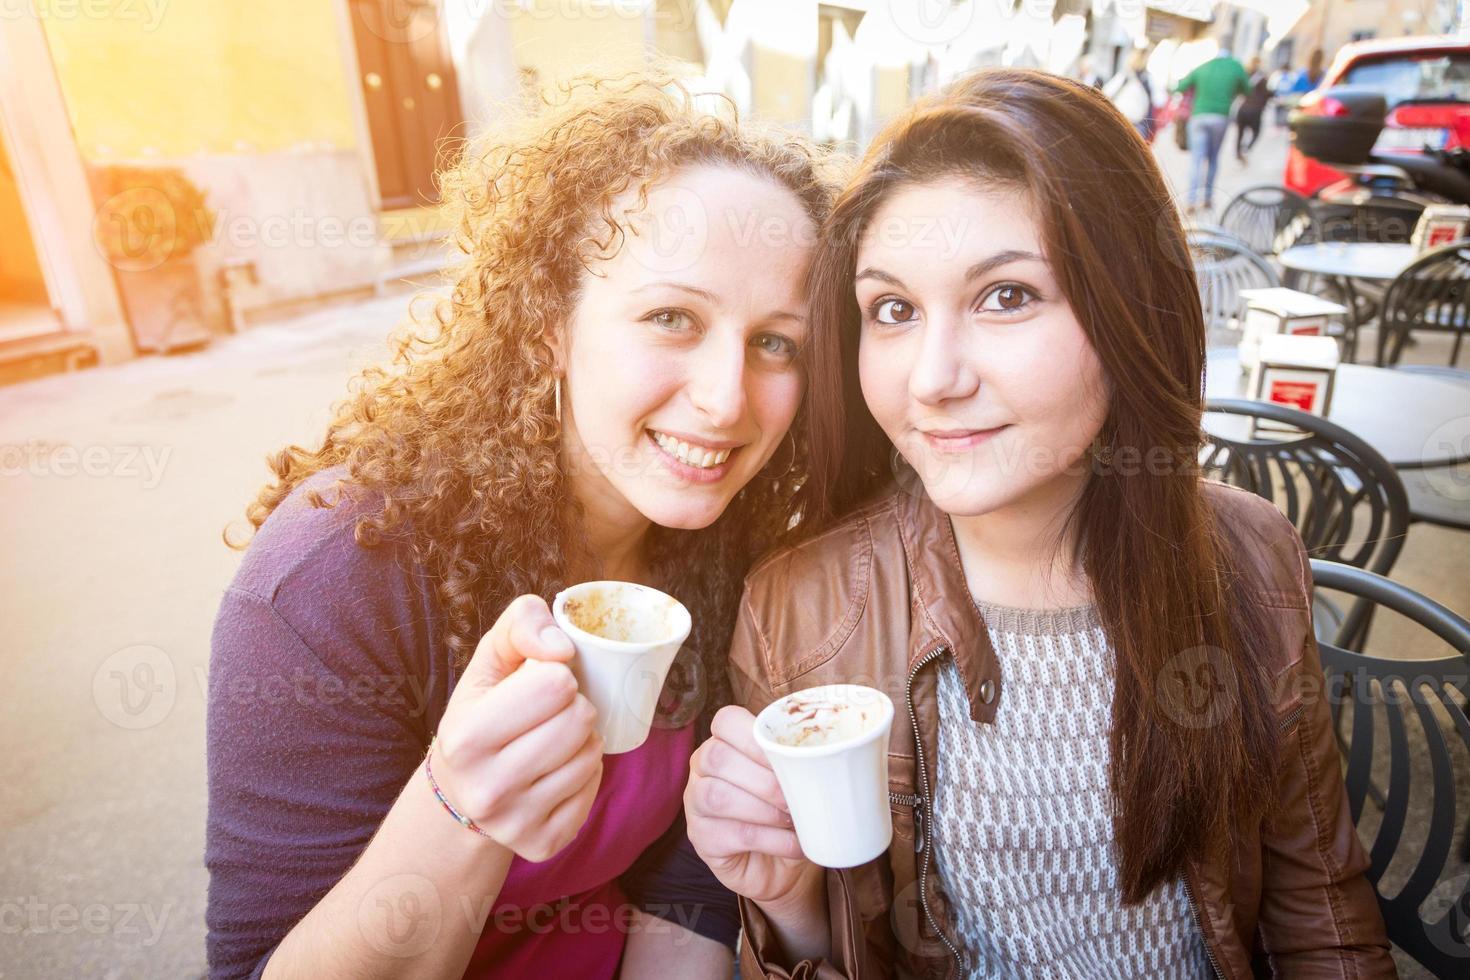 ragazze che hanno colazione tradizionale italiana al bar foto